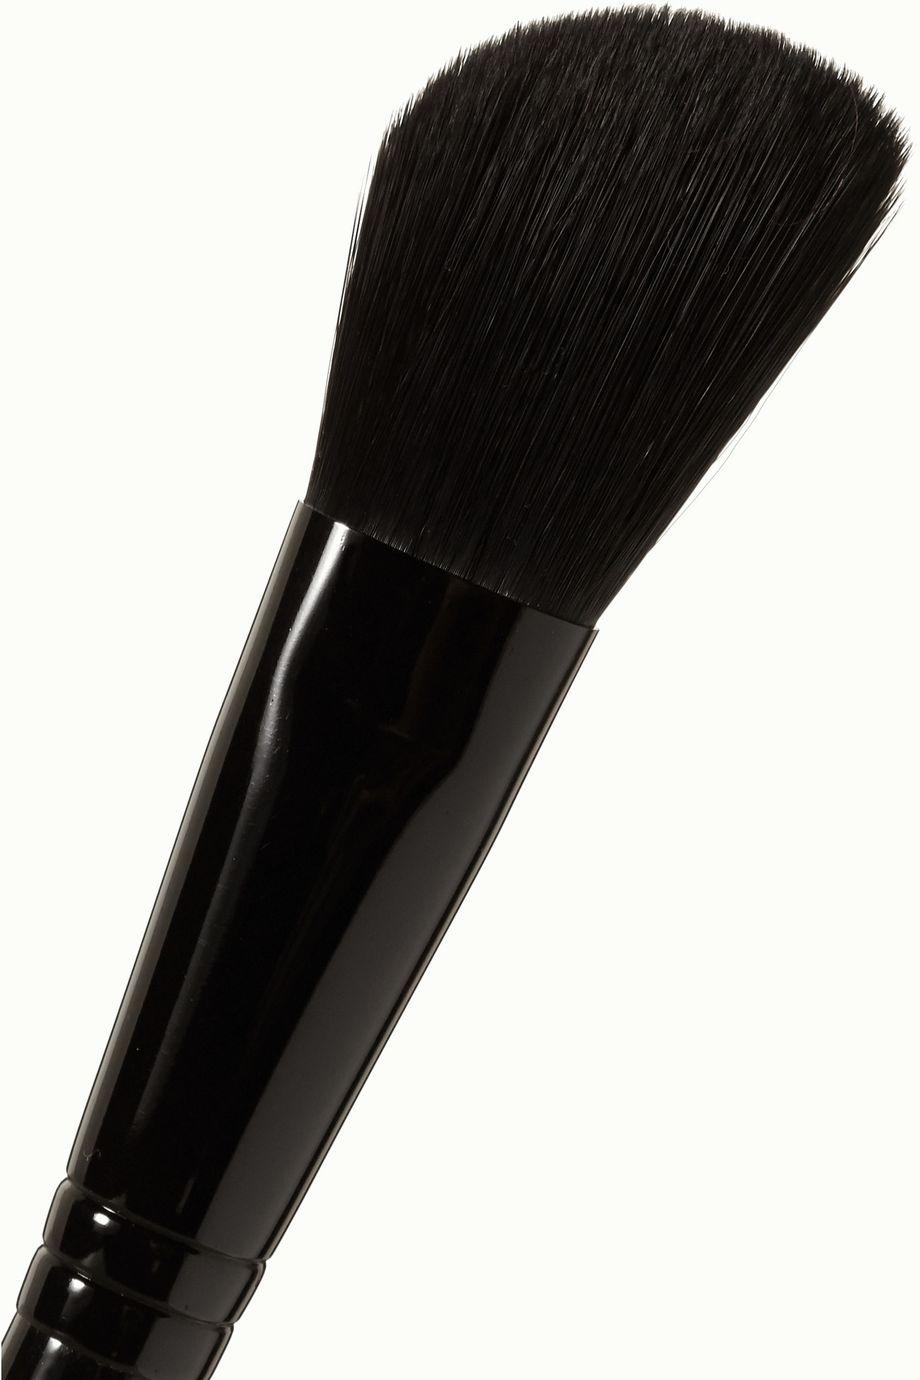 Illamasqua Contour Brush